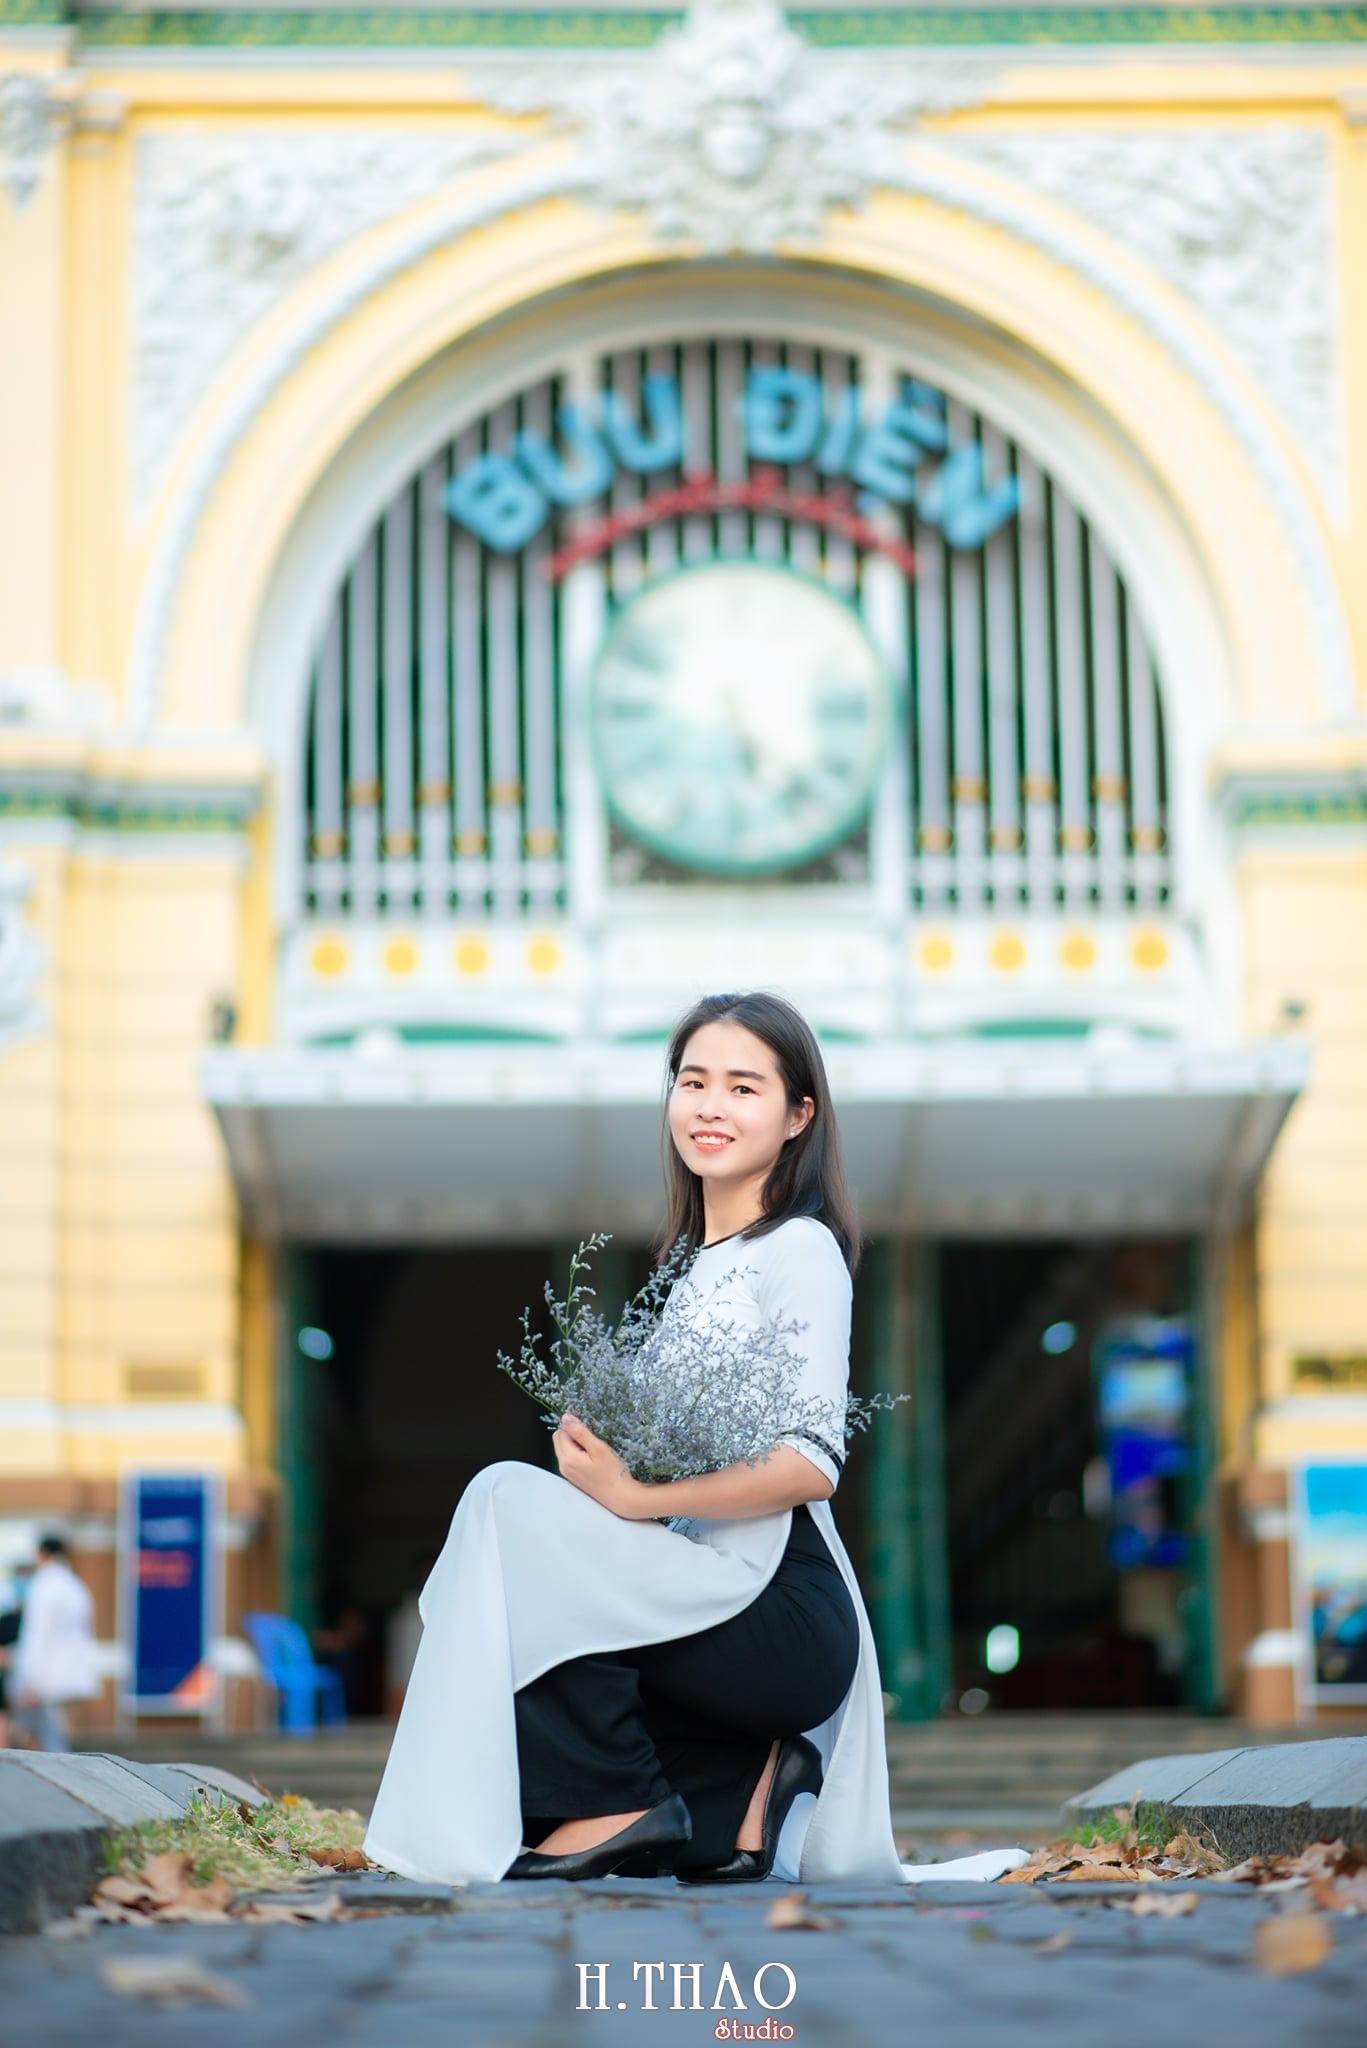 Ao dai 3 1 - Tổng hợp album ảnh áo dài chụp tại nhà thờ Đức Bà - HThao Studio